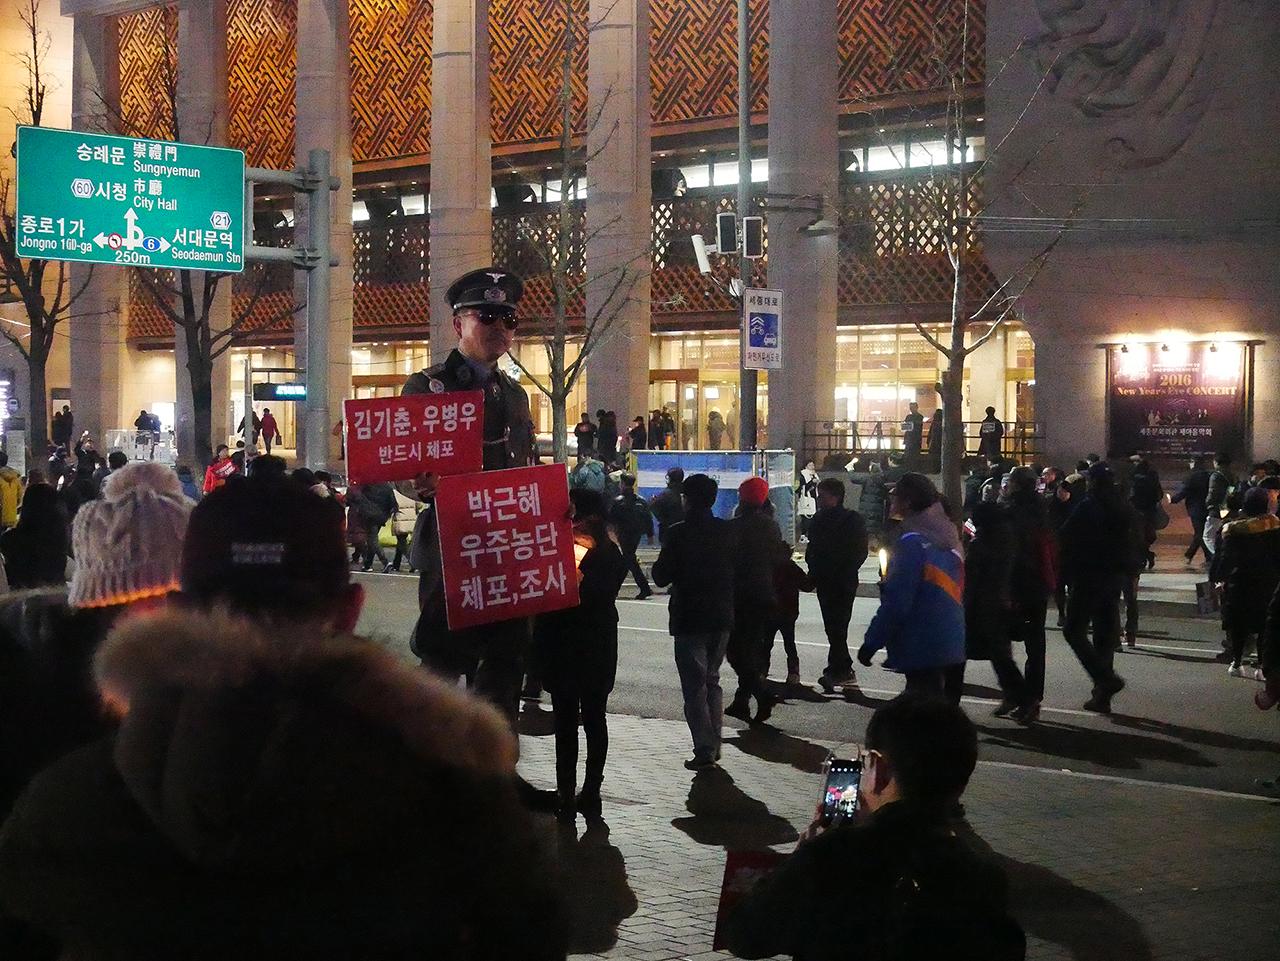 광화문에 나타난 국군 장교 한 시민이 국군 장교복을 입고 시위를 하고있다